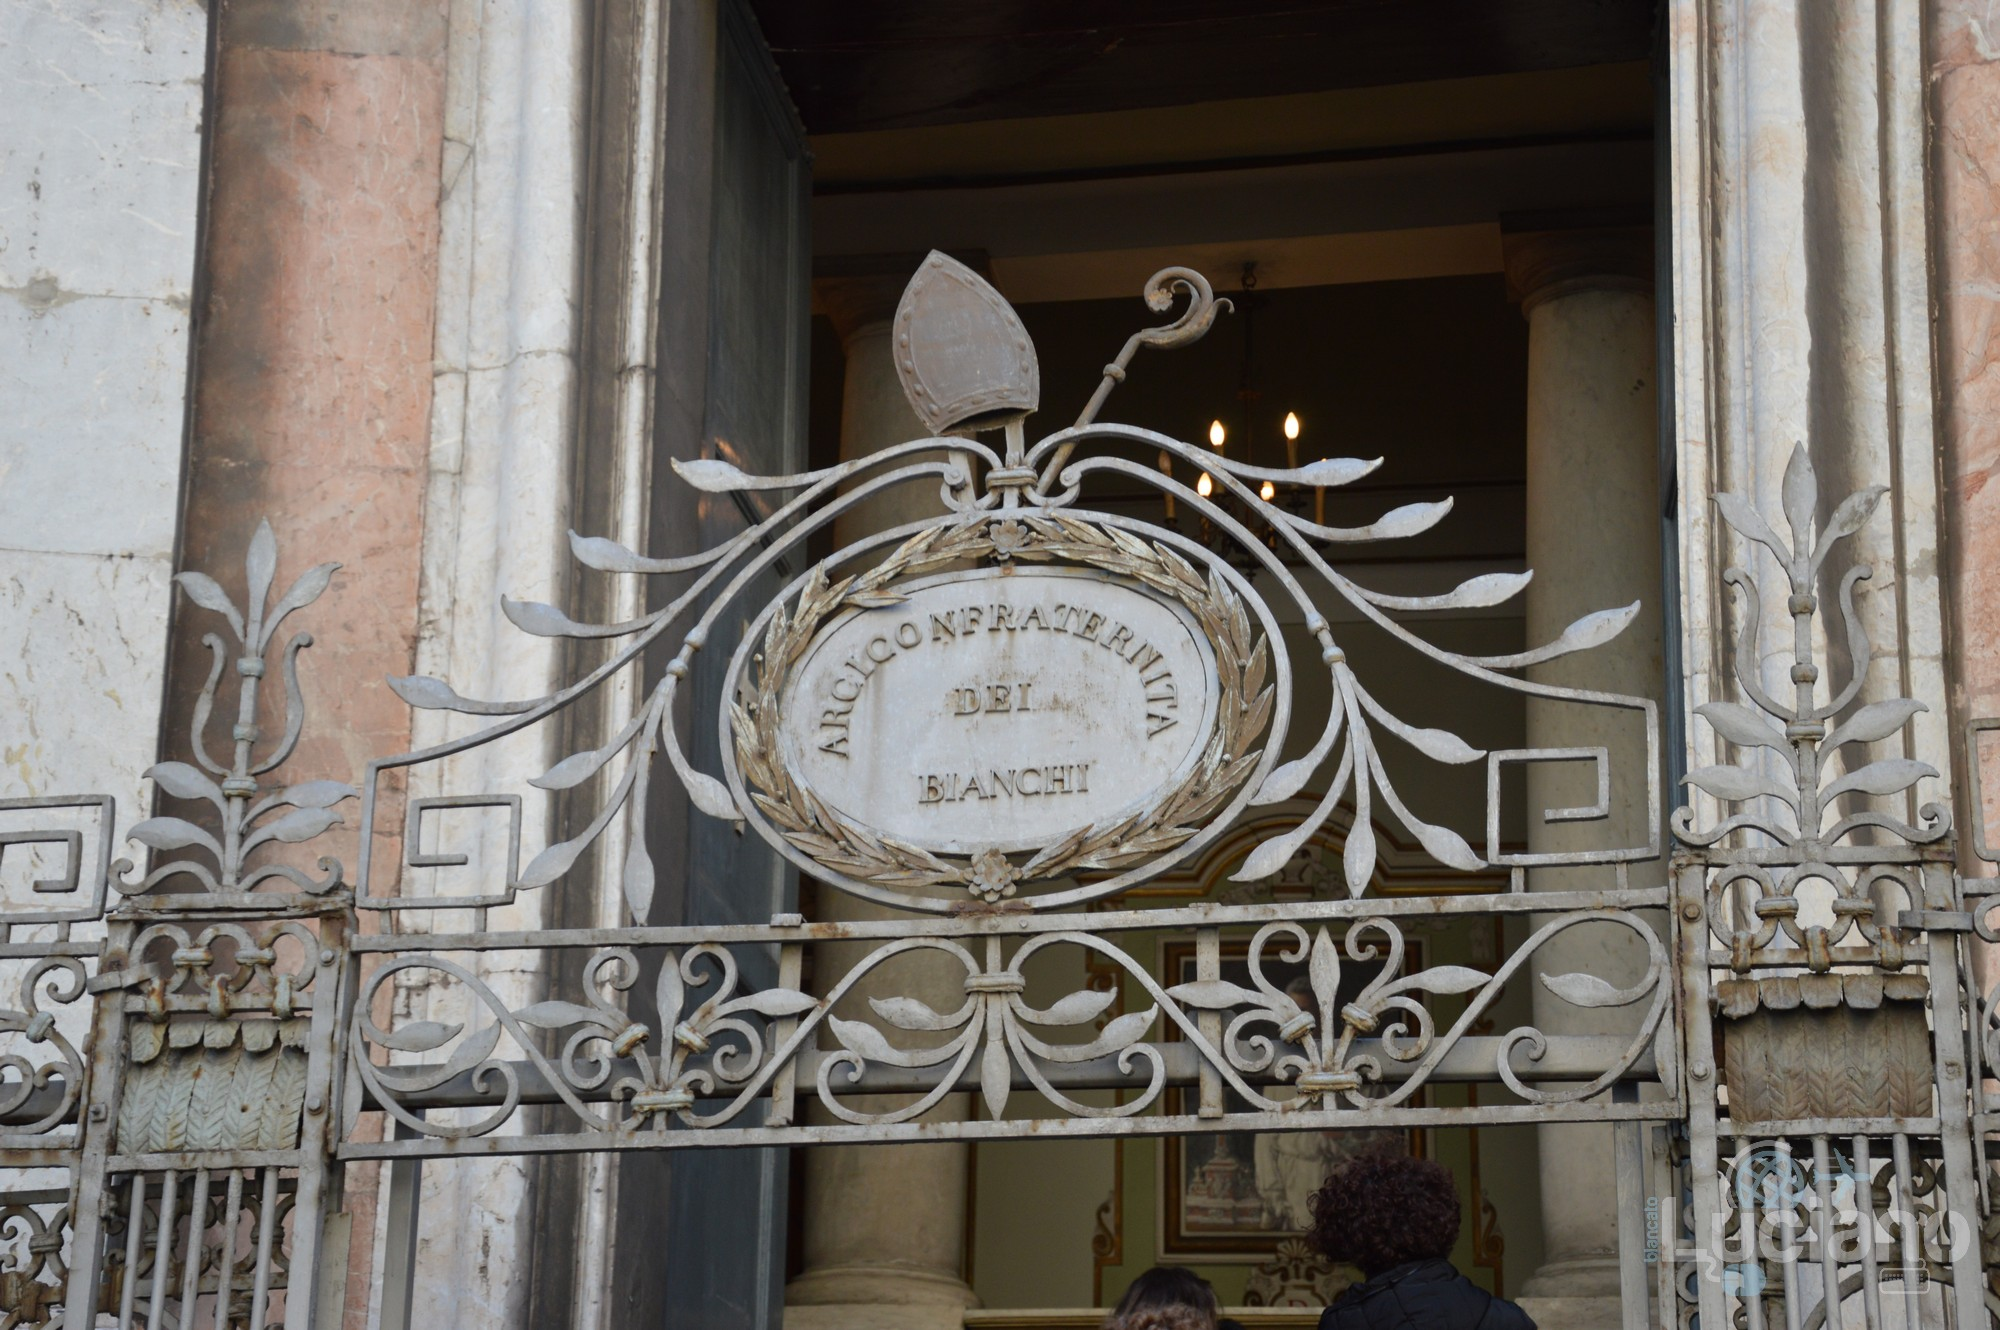 Dettaglio della Chiesa di San Martino ai Bianchi, durante i festeggiamenti per Sant'Agata 2019 - Catania (CT)